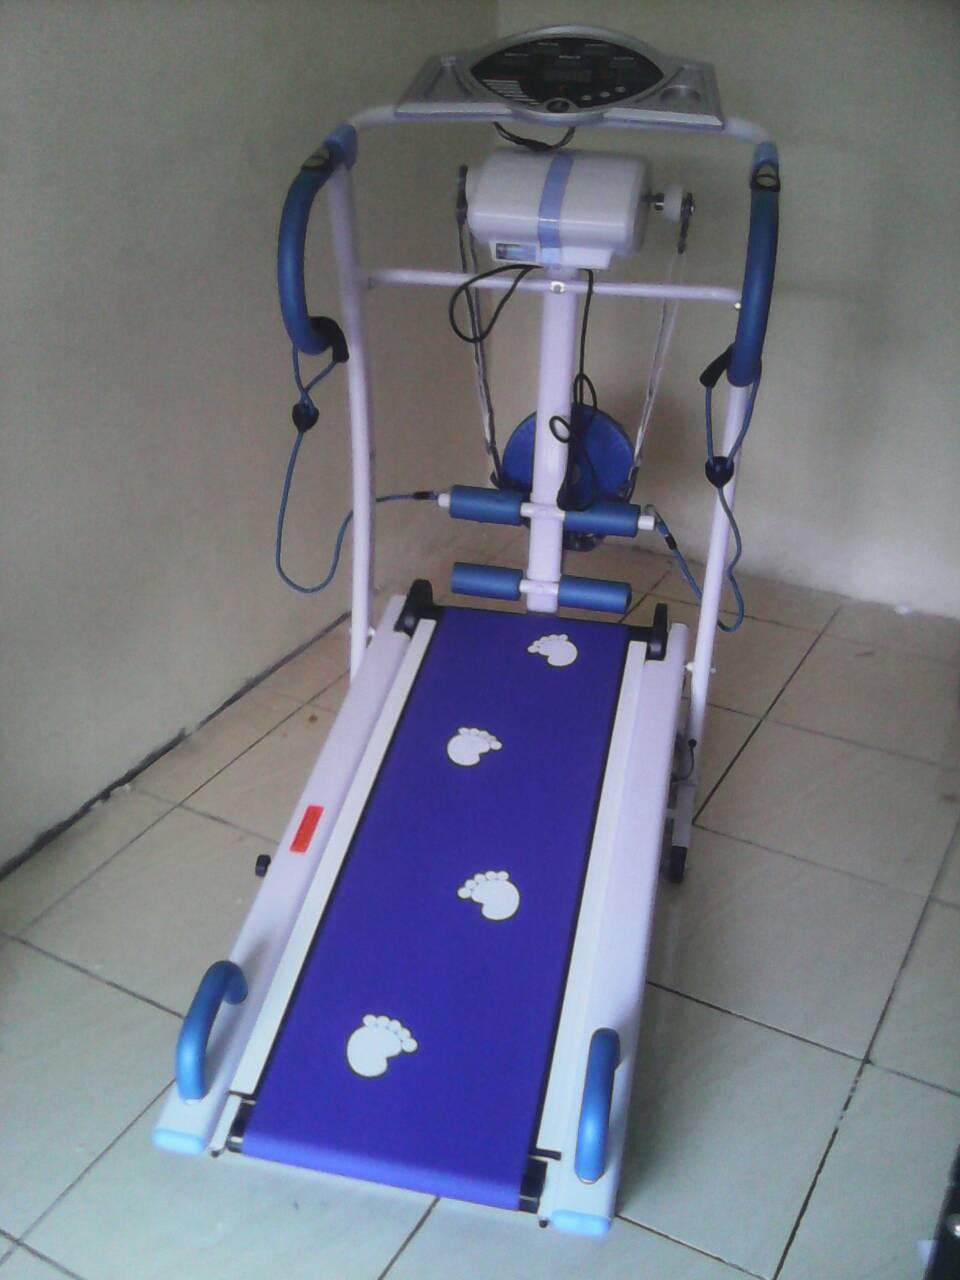 Jual Manual Treadmil 6 Fungsi Bfs 5008 Treadmill Putih Biru Tl Bisa Cod Tinsfitness Tokopedia